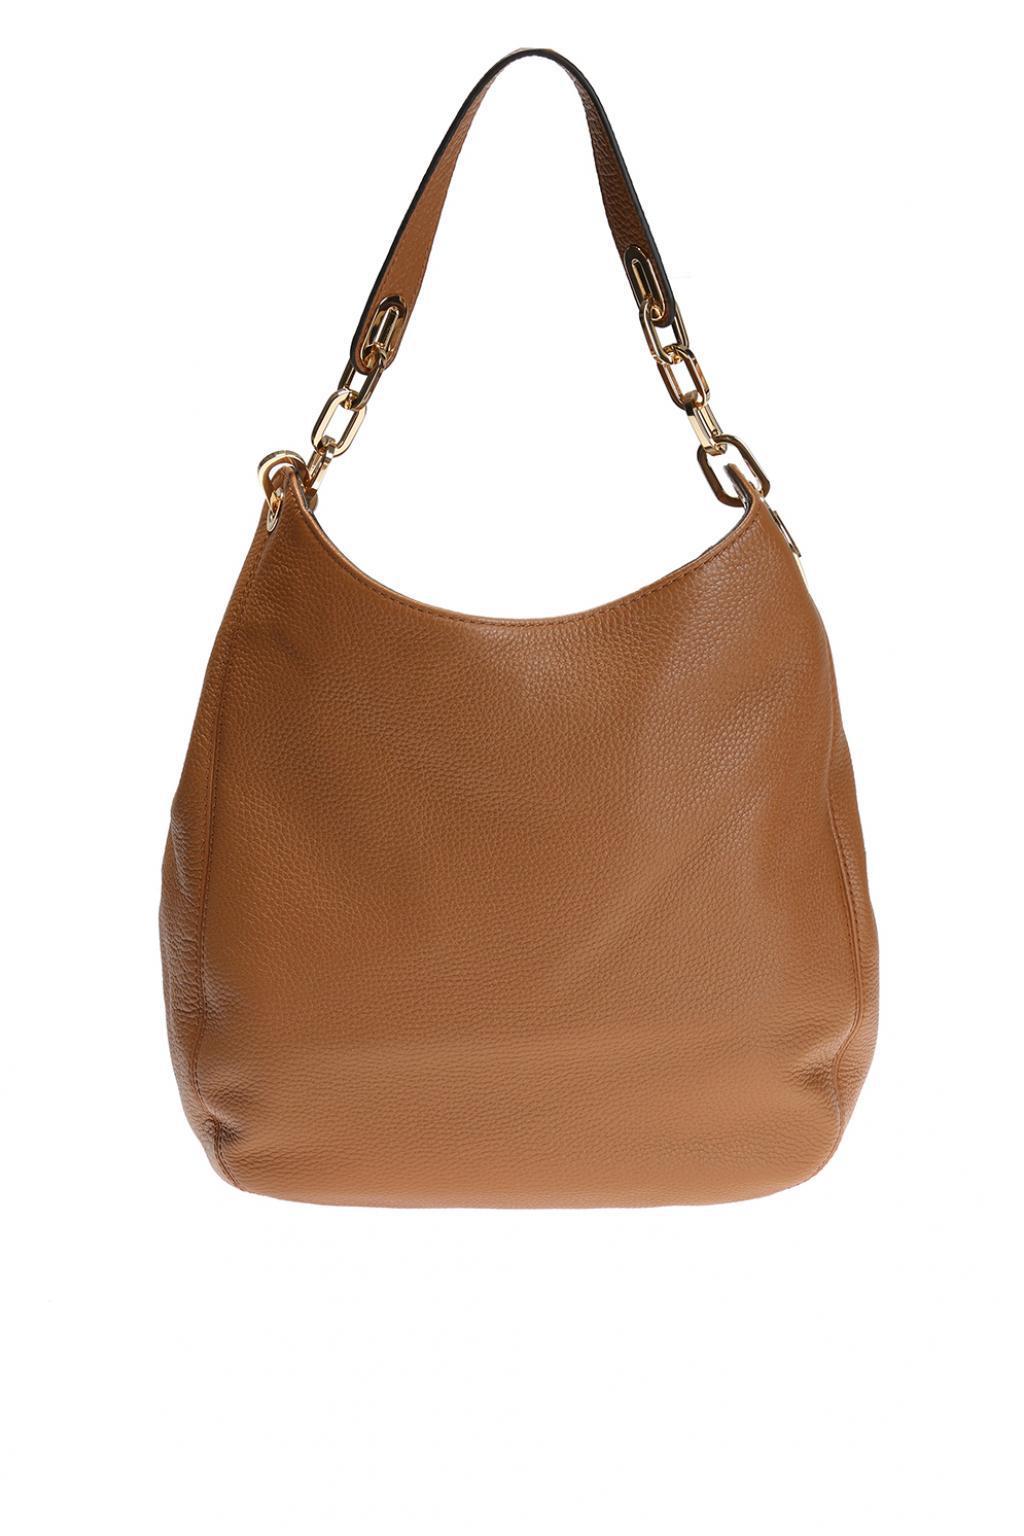 31ec18bb82a1 ... order michael kors brown fulton shoulder bag lyst. view fullscreen  950bc e3c77 ...